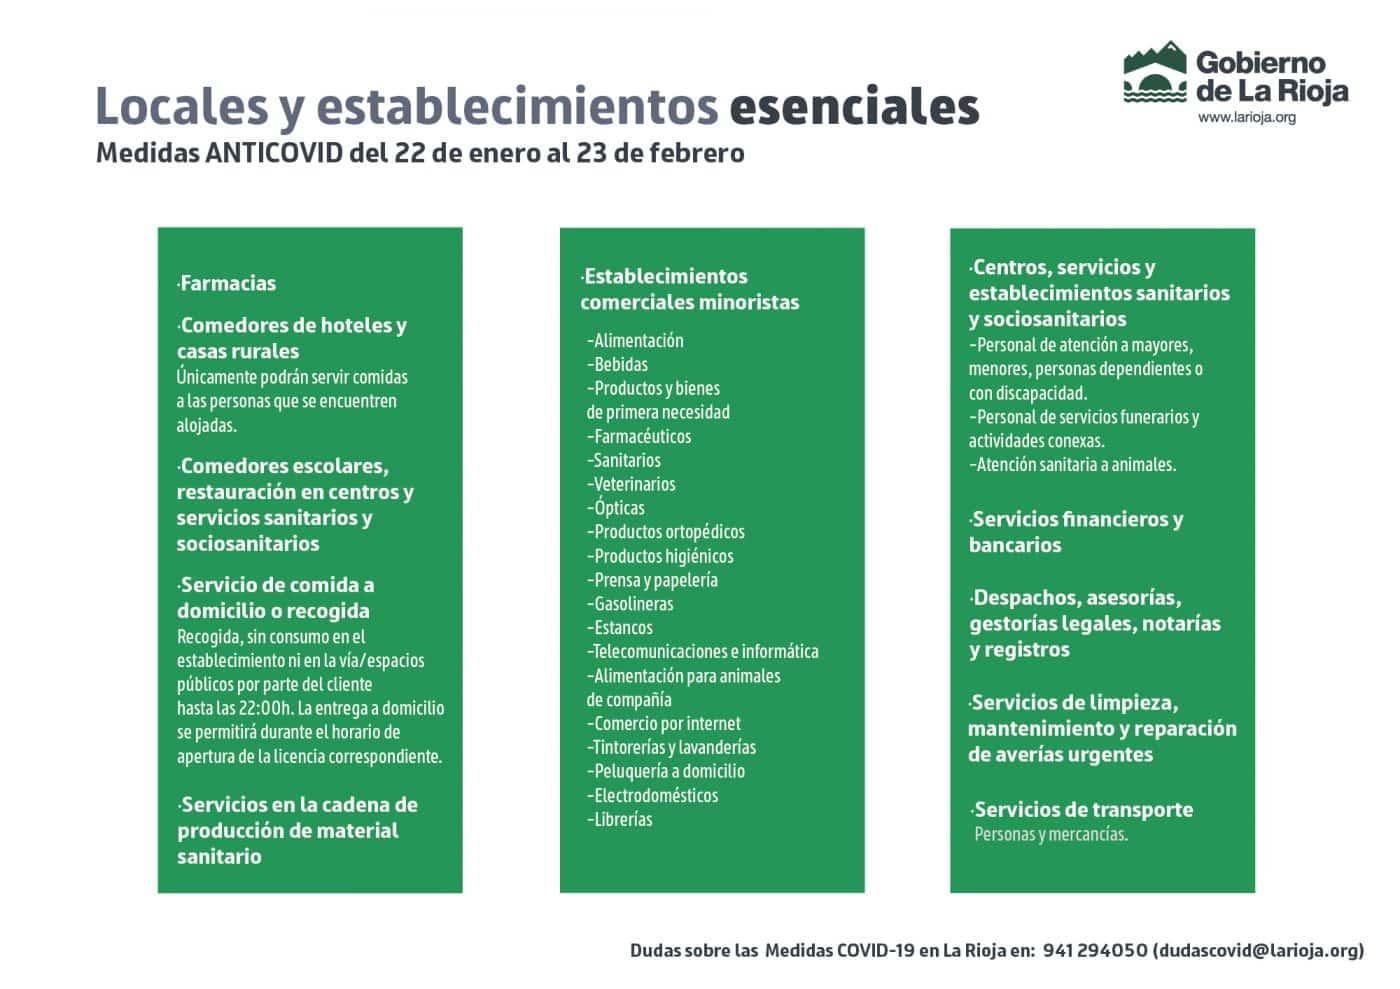 El Gobierno riojano publica los establecimientos, servicios y actividades esenciales y no ensenciales 1